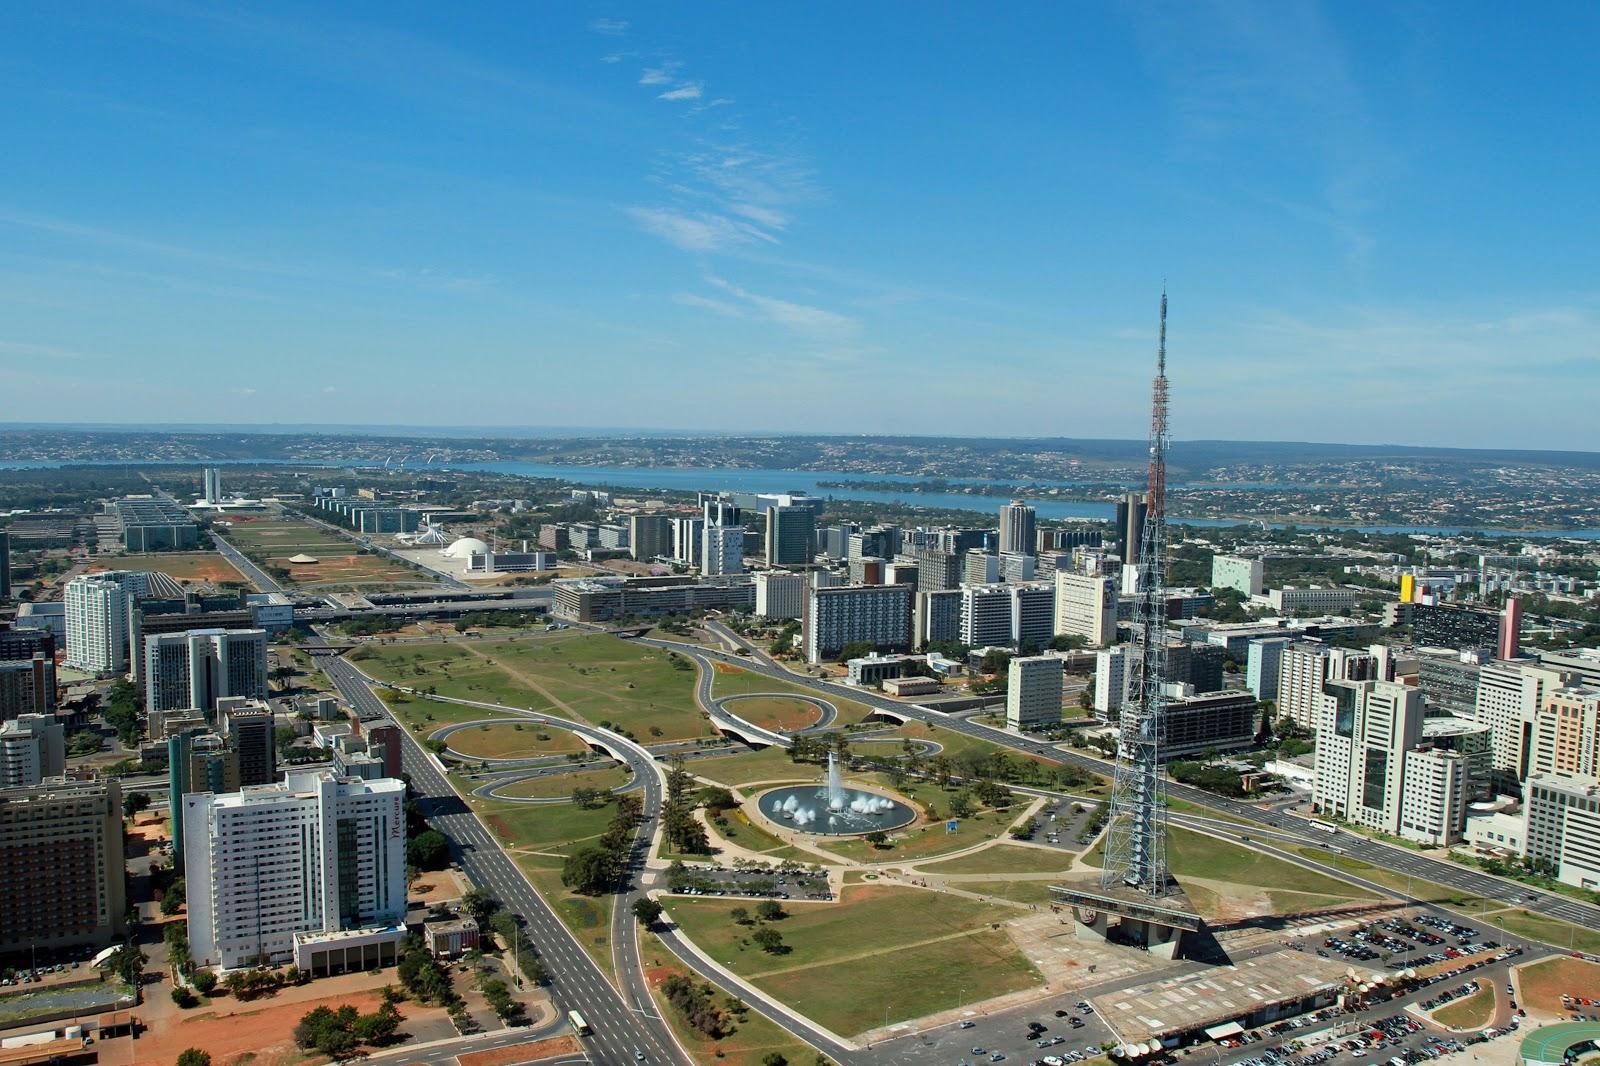 Palácios impecáveis: Brasília completa 60 anos desde sua inauguração